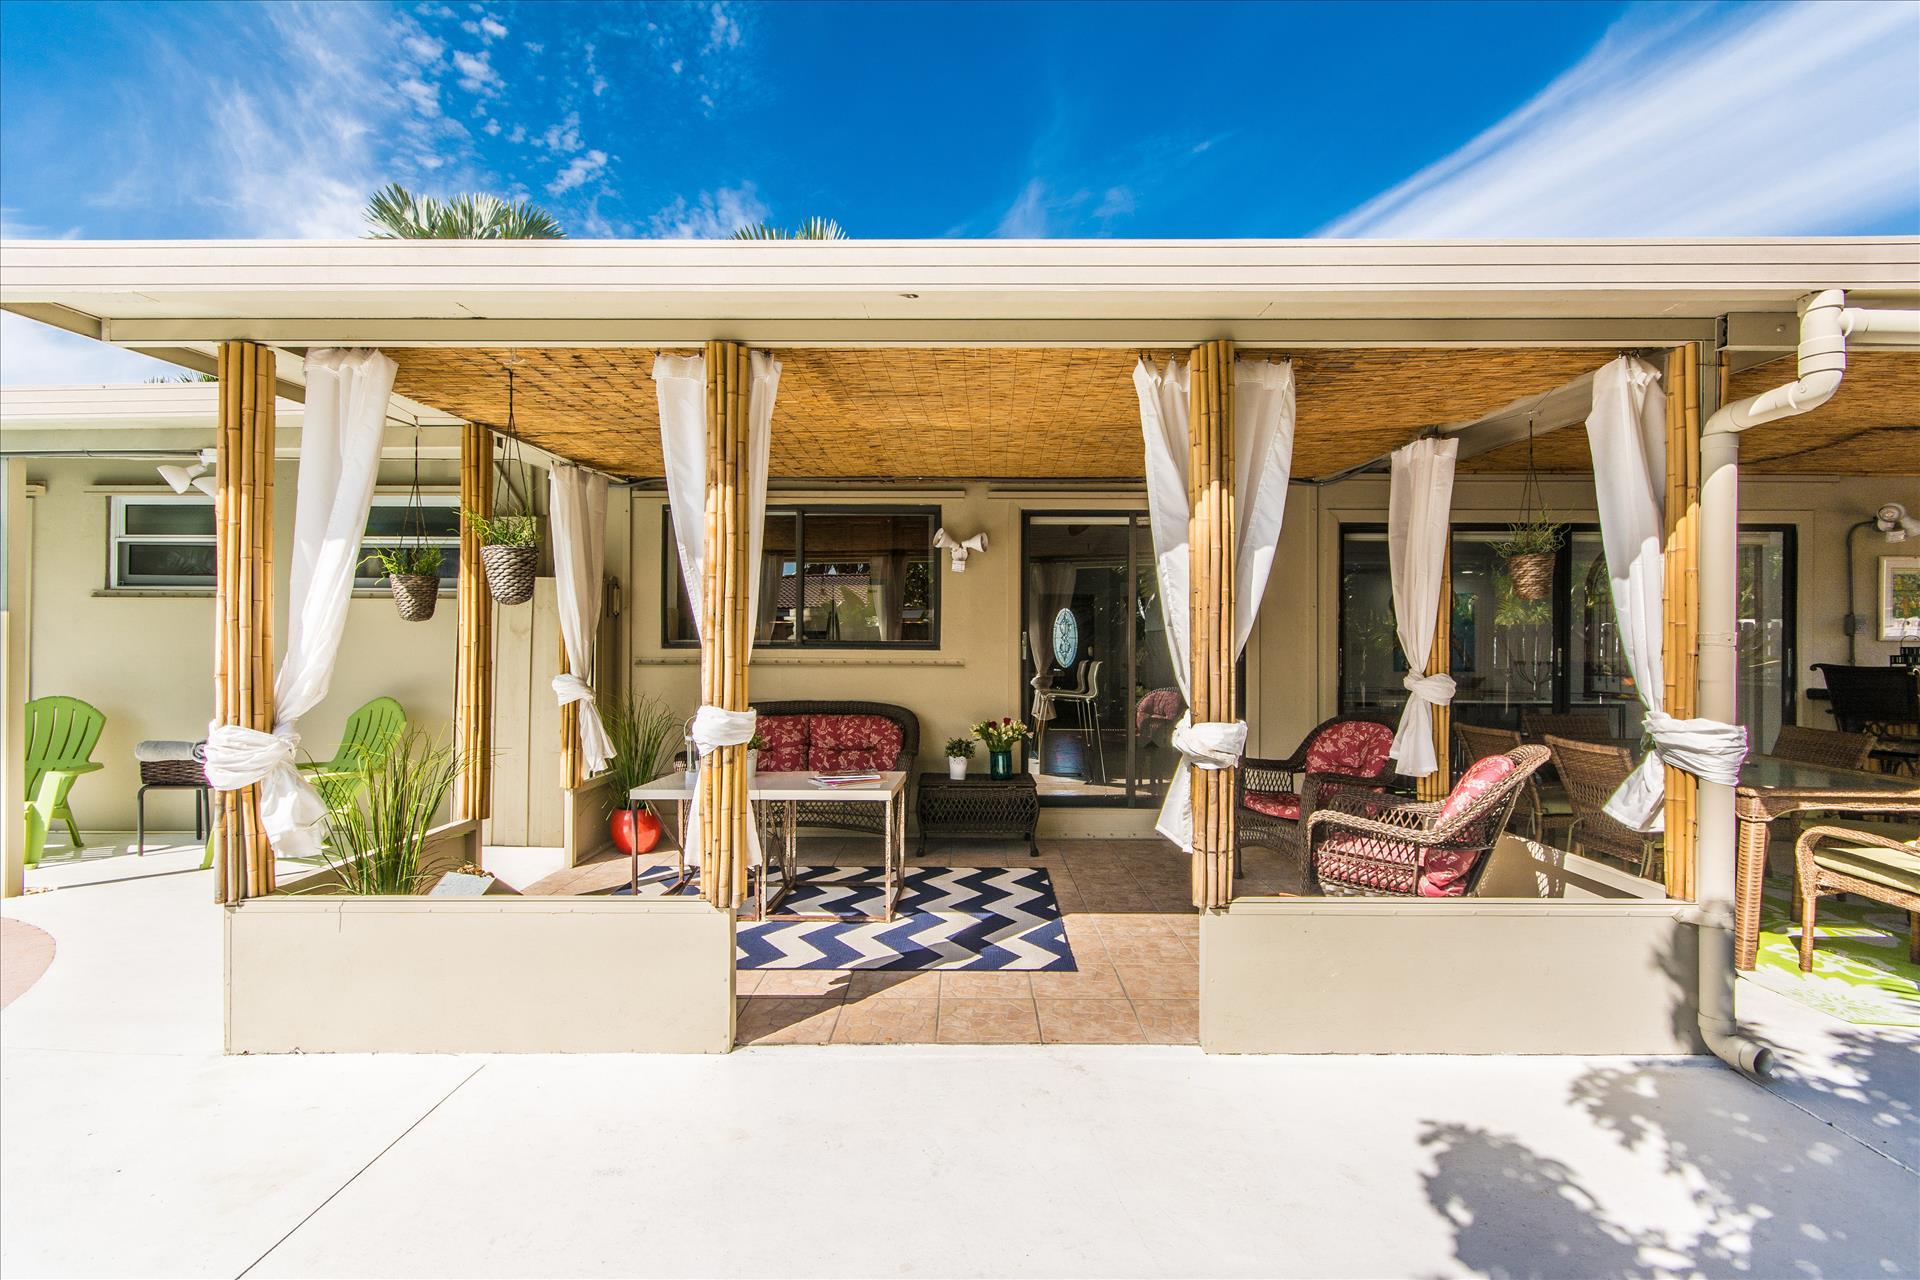 Harbor Villa - Vacation Rental Villass in Pompano Beach, FL ...